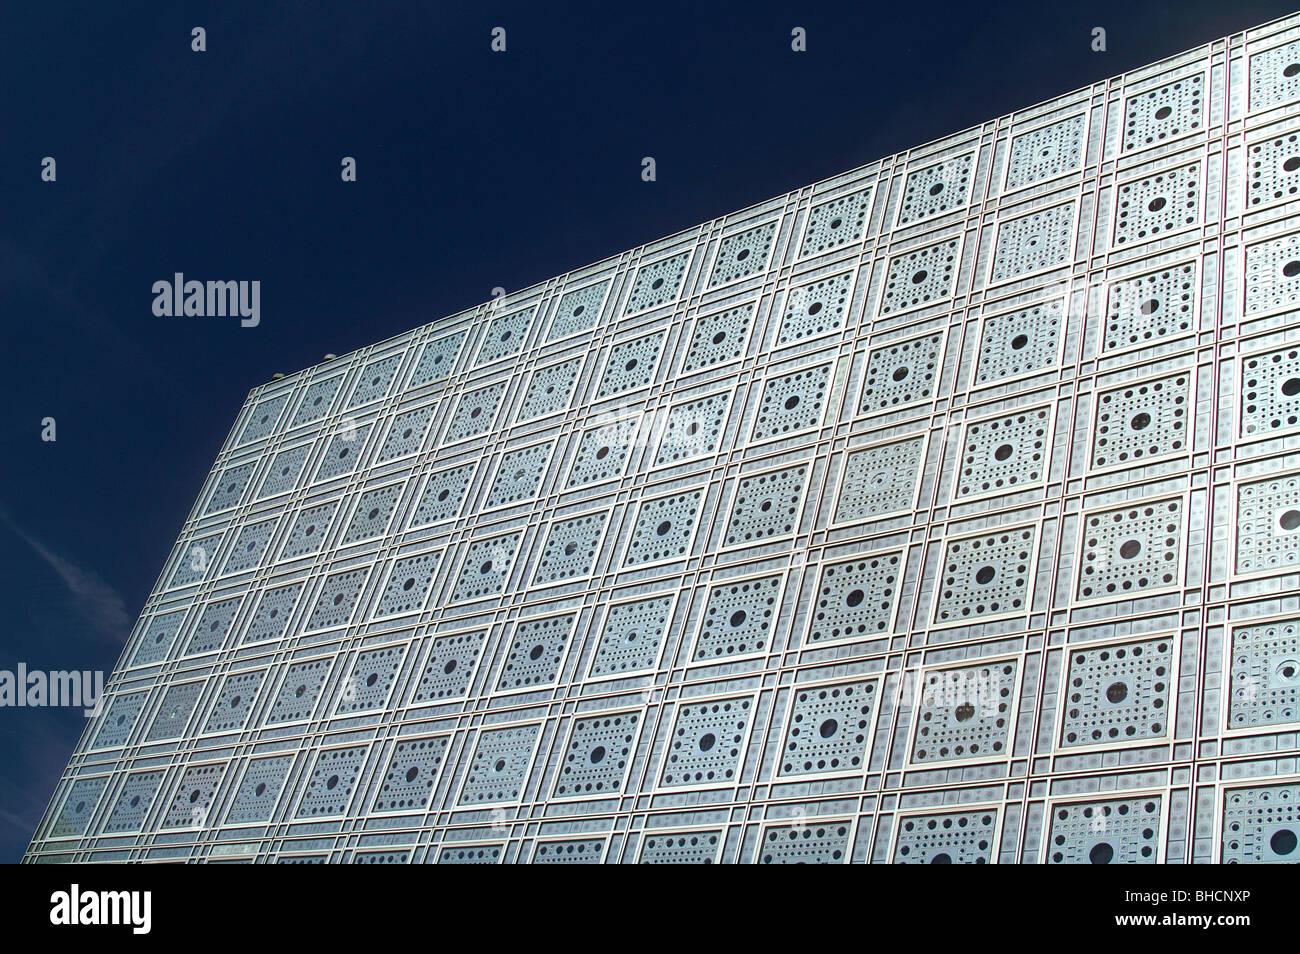 The Institut du Monde Arabe (IMA) or Arab World Institute (AWI). Paris - Stock Image